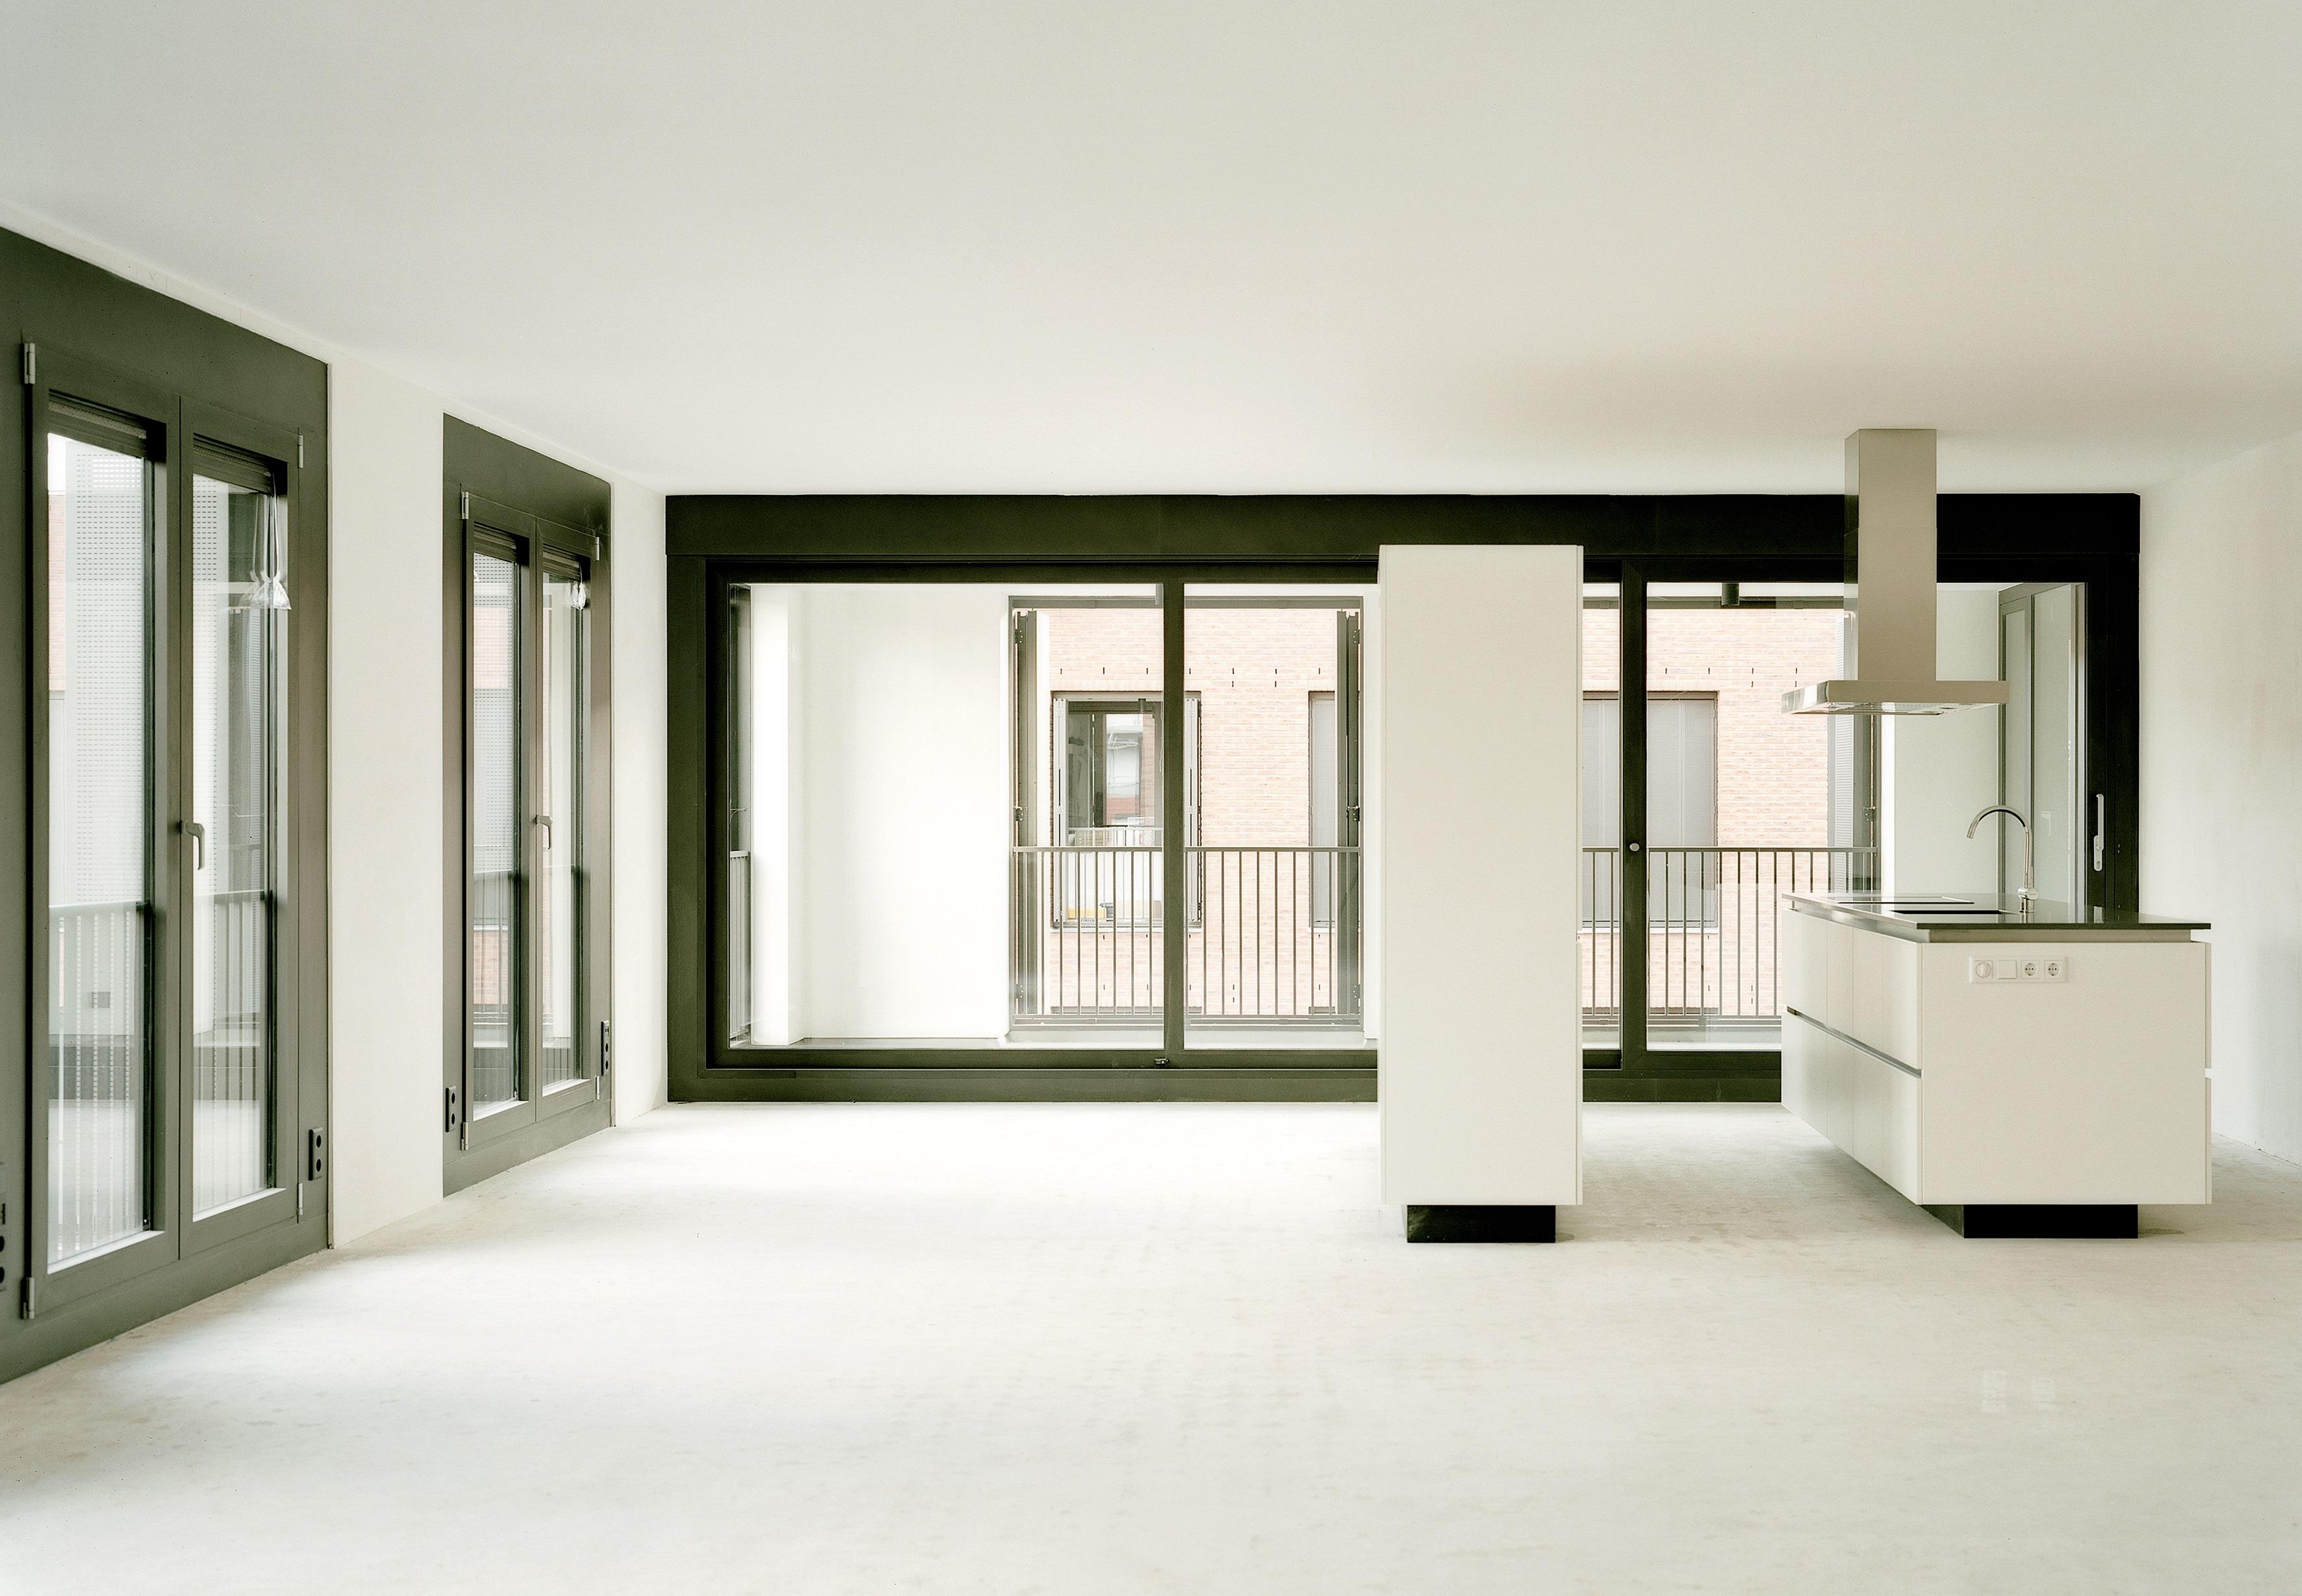 <p>Piazza Céramique, woningen met twee entrees, ontwerp Jo Janssen Architecten</p>